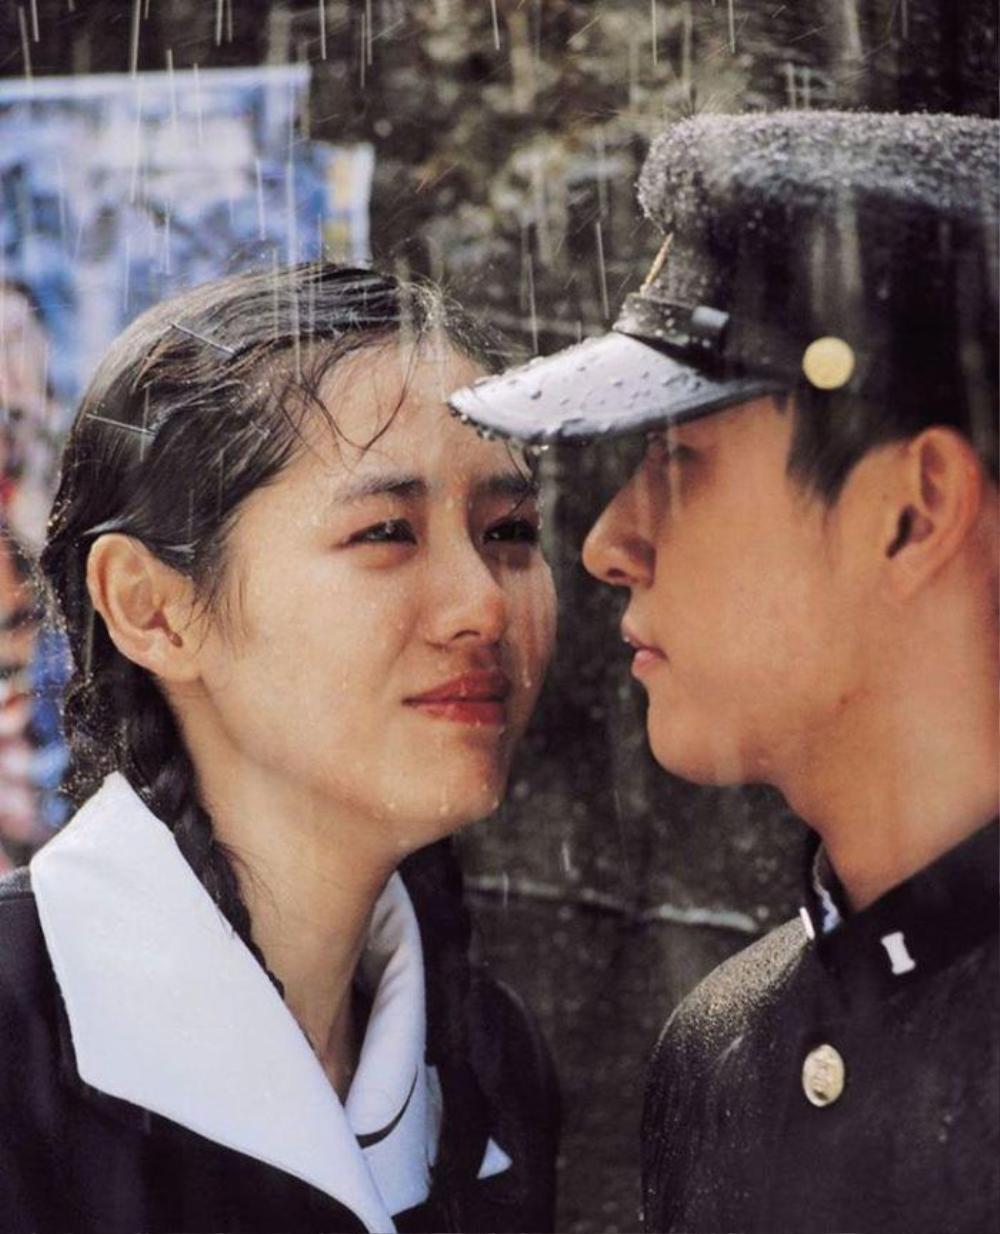 Họp báo 'Mùa hè 1999': Phương Mỹ Chi đóng chính, có giống sê-ri 'Reply 1994' của Hàn Quốc? Ảnh 17